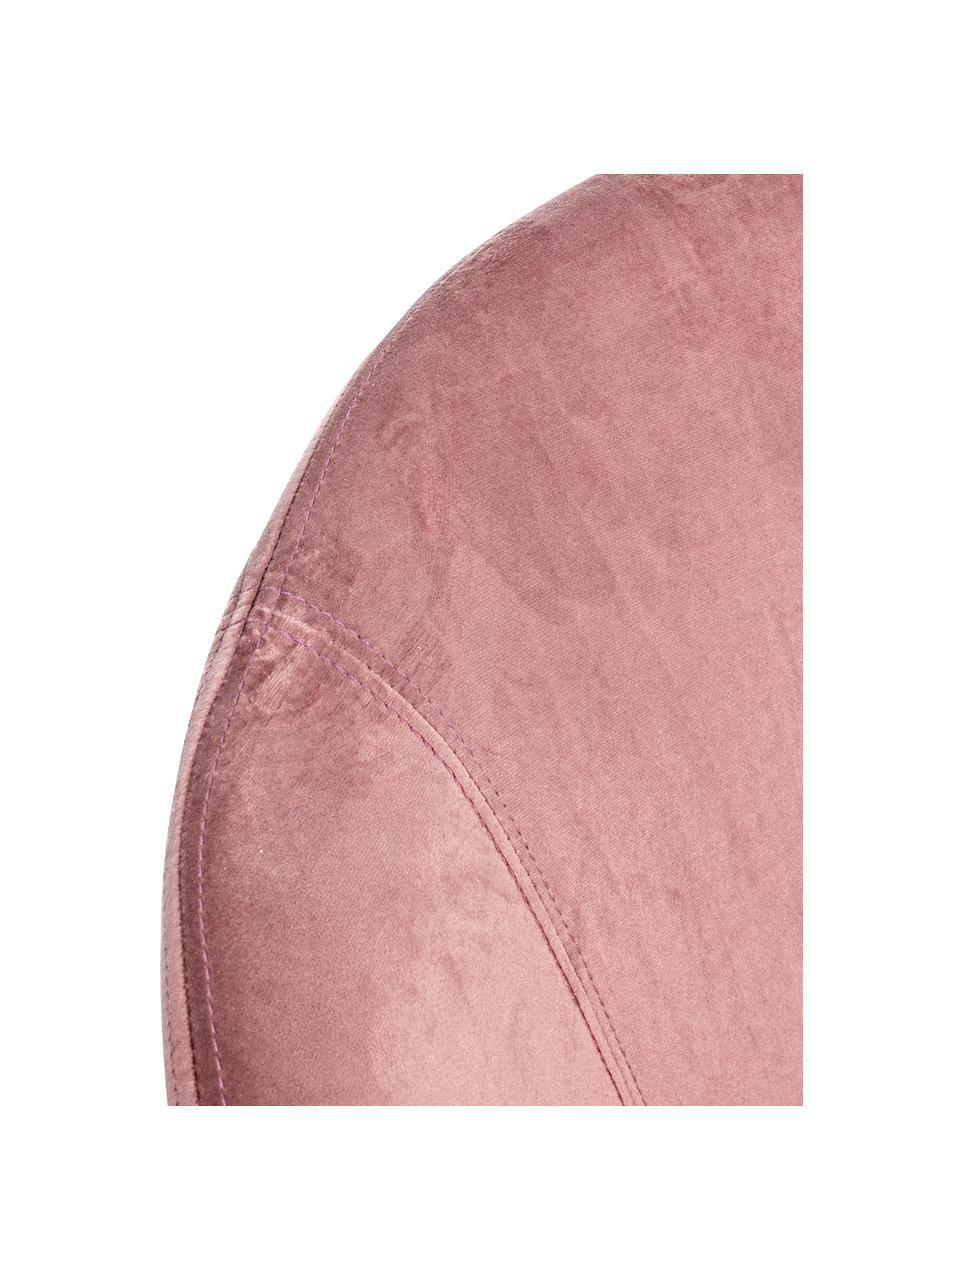 Sedia a dondolo in velluto rosa Annika, Rivestimento: velluto di poliestere, Struttura: metallo verniciato a polv, Velluto rosa, Larg. 74 x Prof. 77 cm